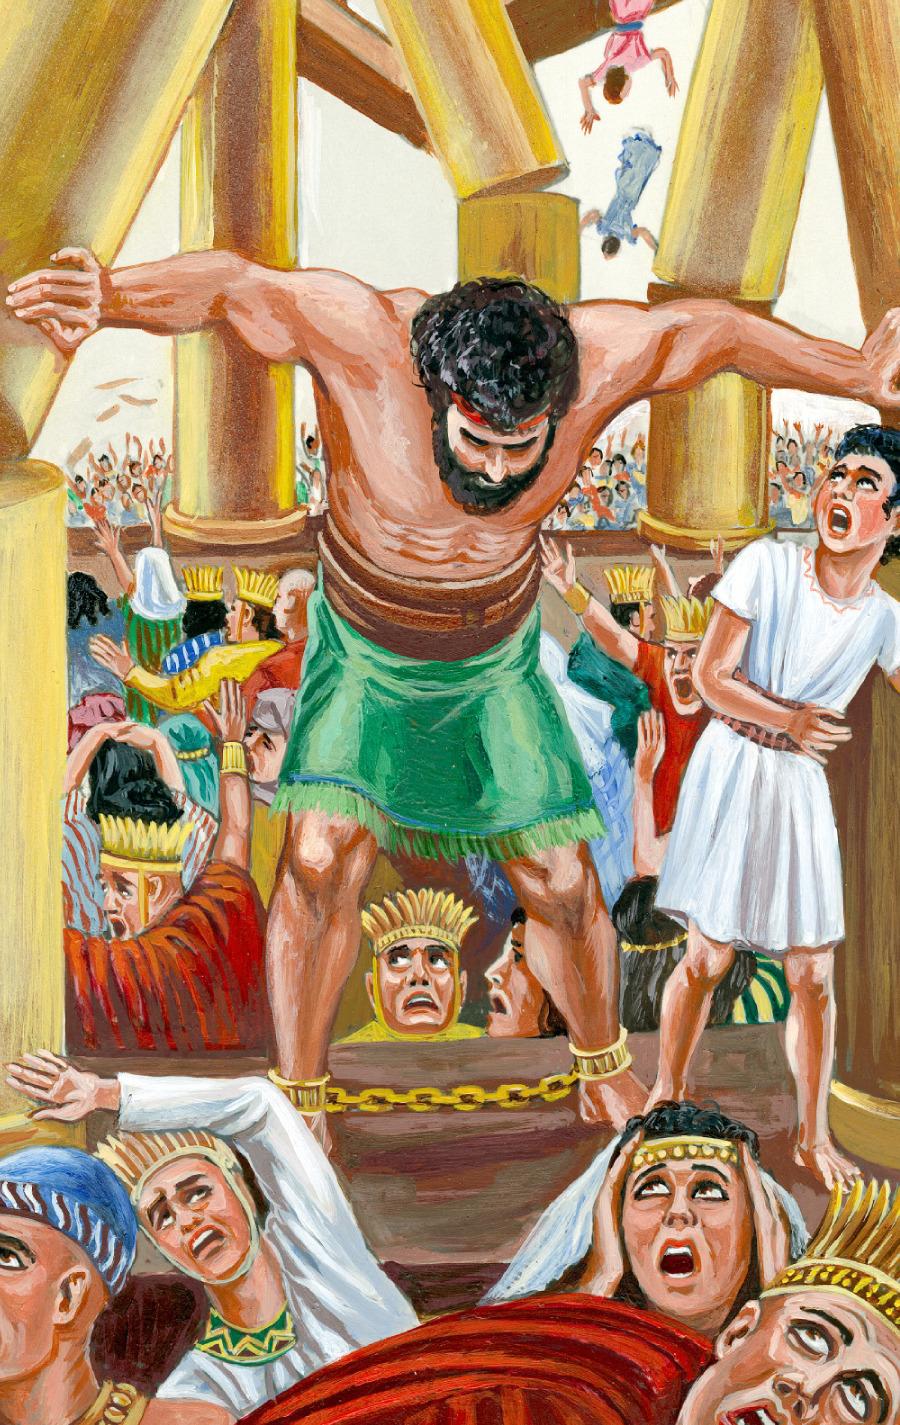 O Homem Mais Forte O Juiz Sansao Historia Biblica